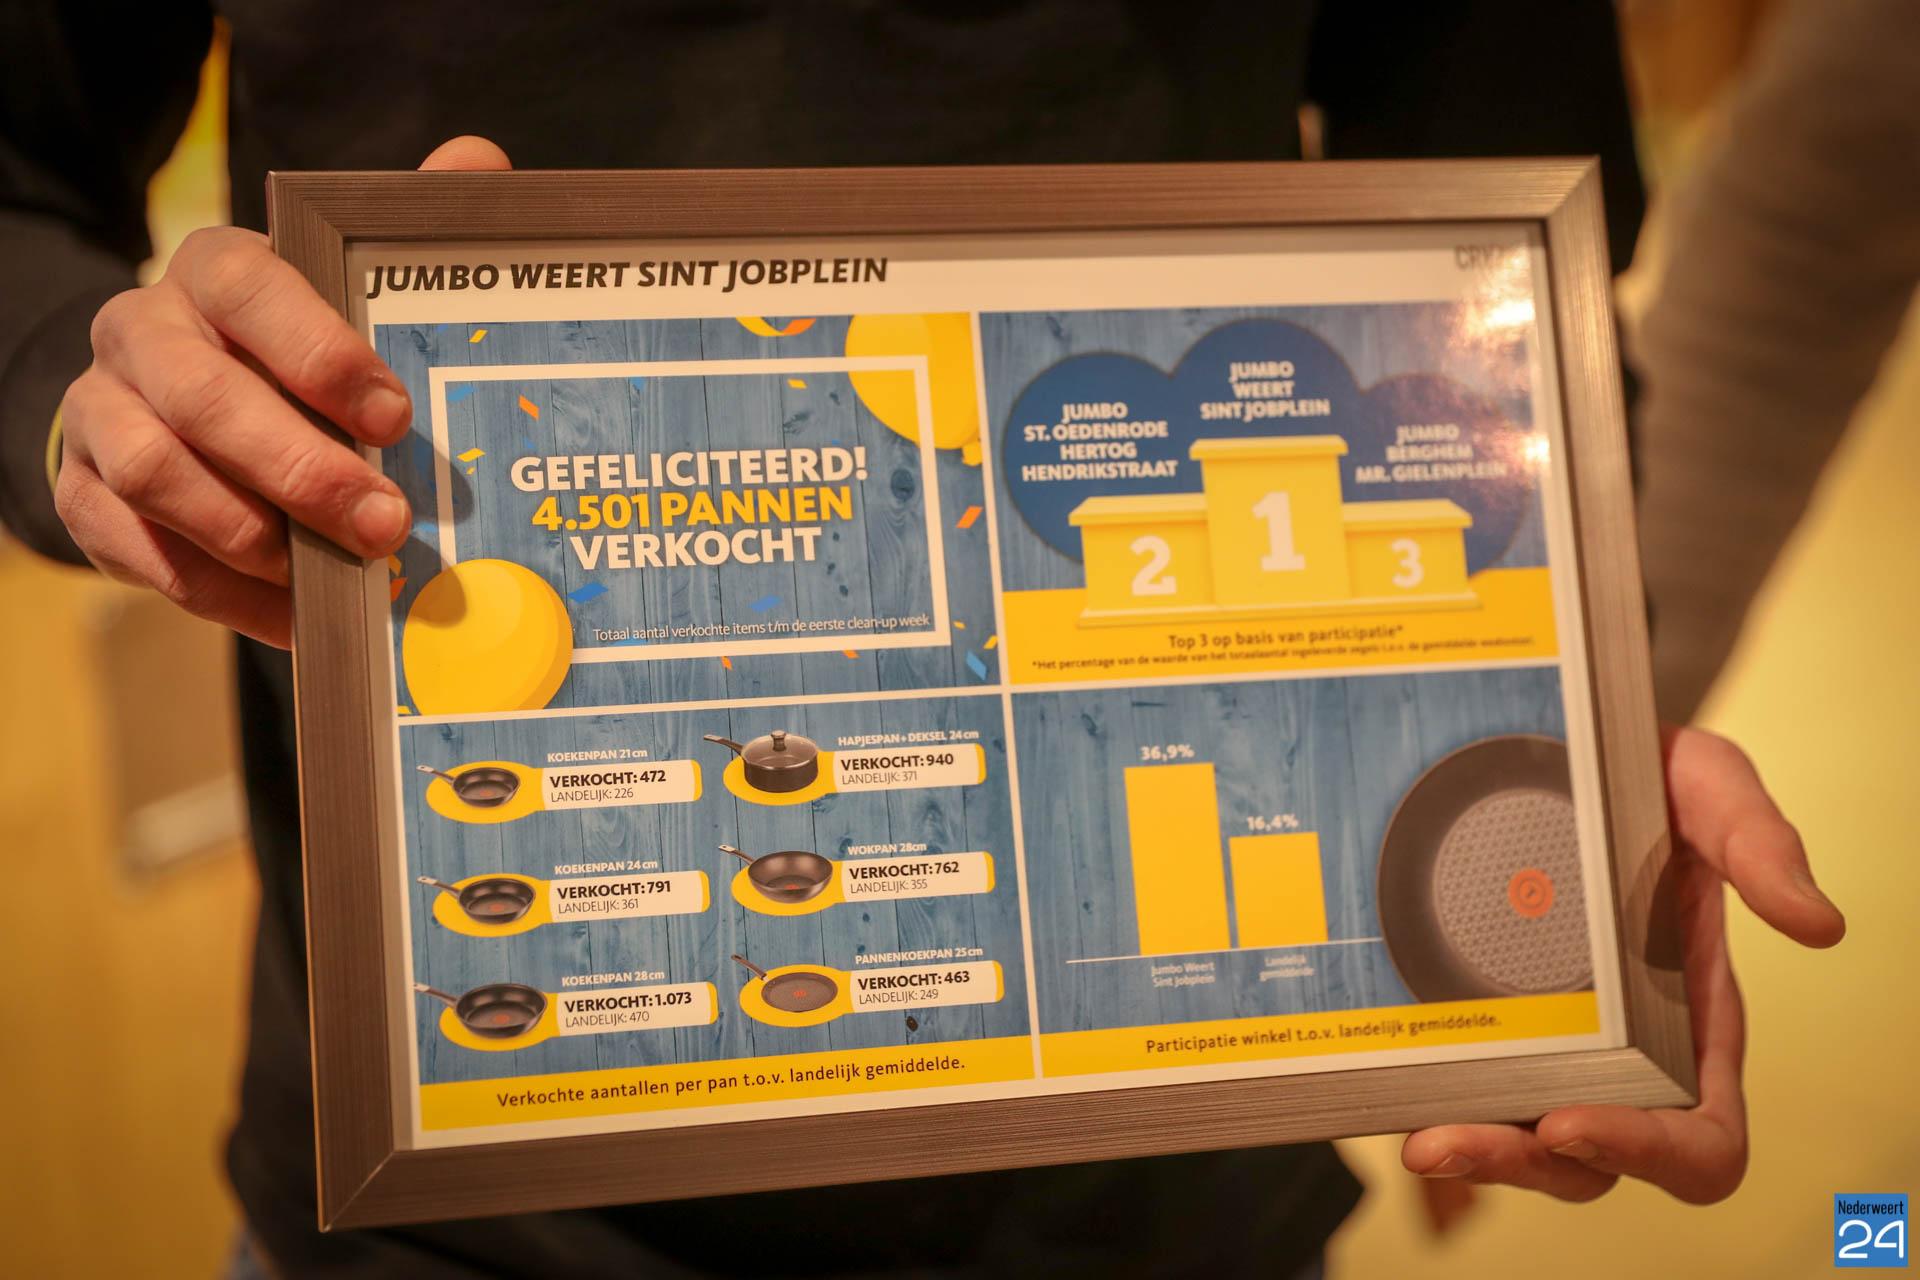 Hedendaags Jumbo Heerschap Leuken valt in de prijzen met de pannenspaaractie XH-86